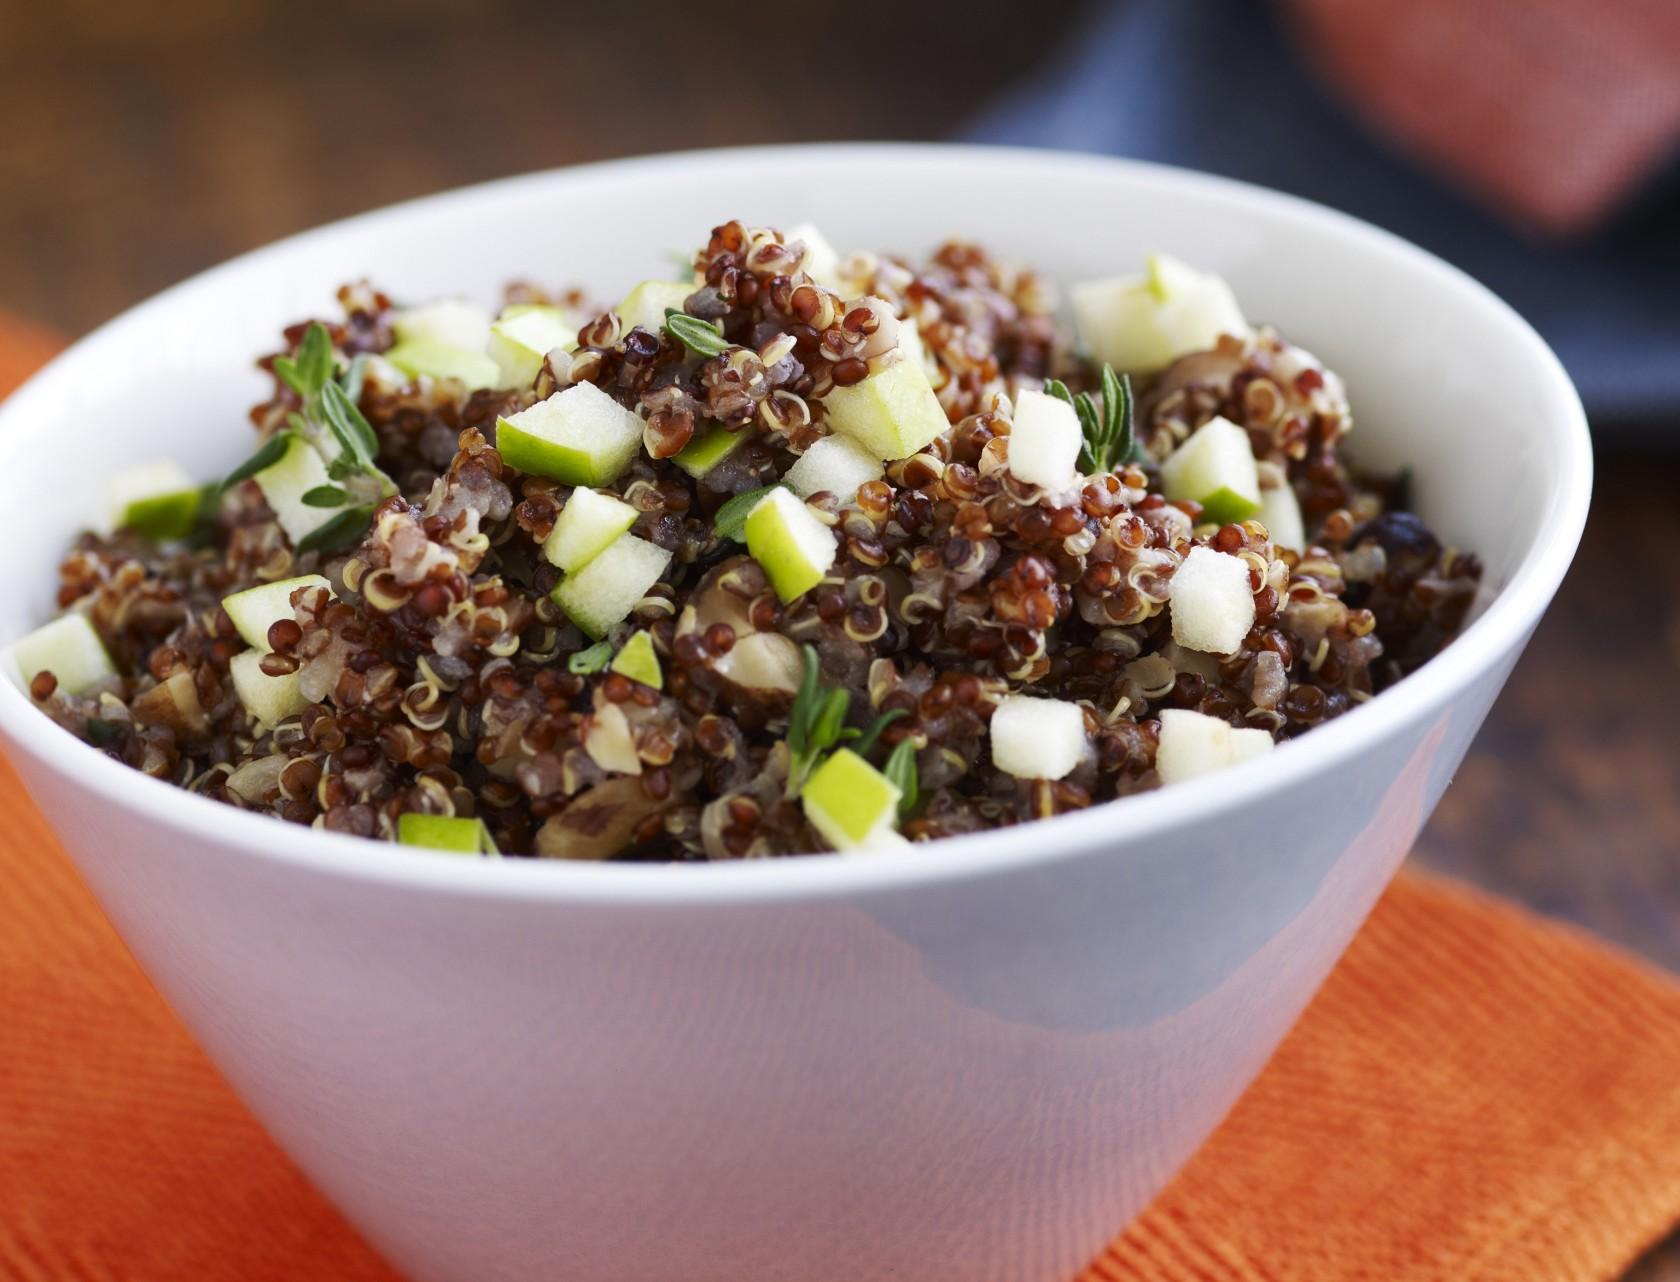 Quinoa med løg, hasselnødder og æbler